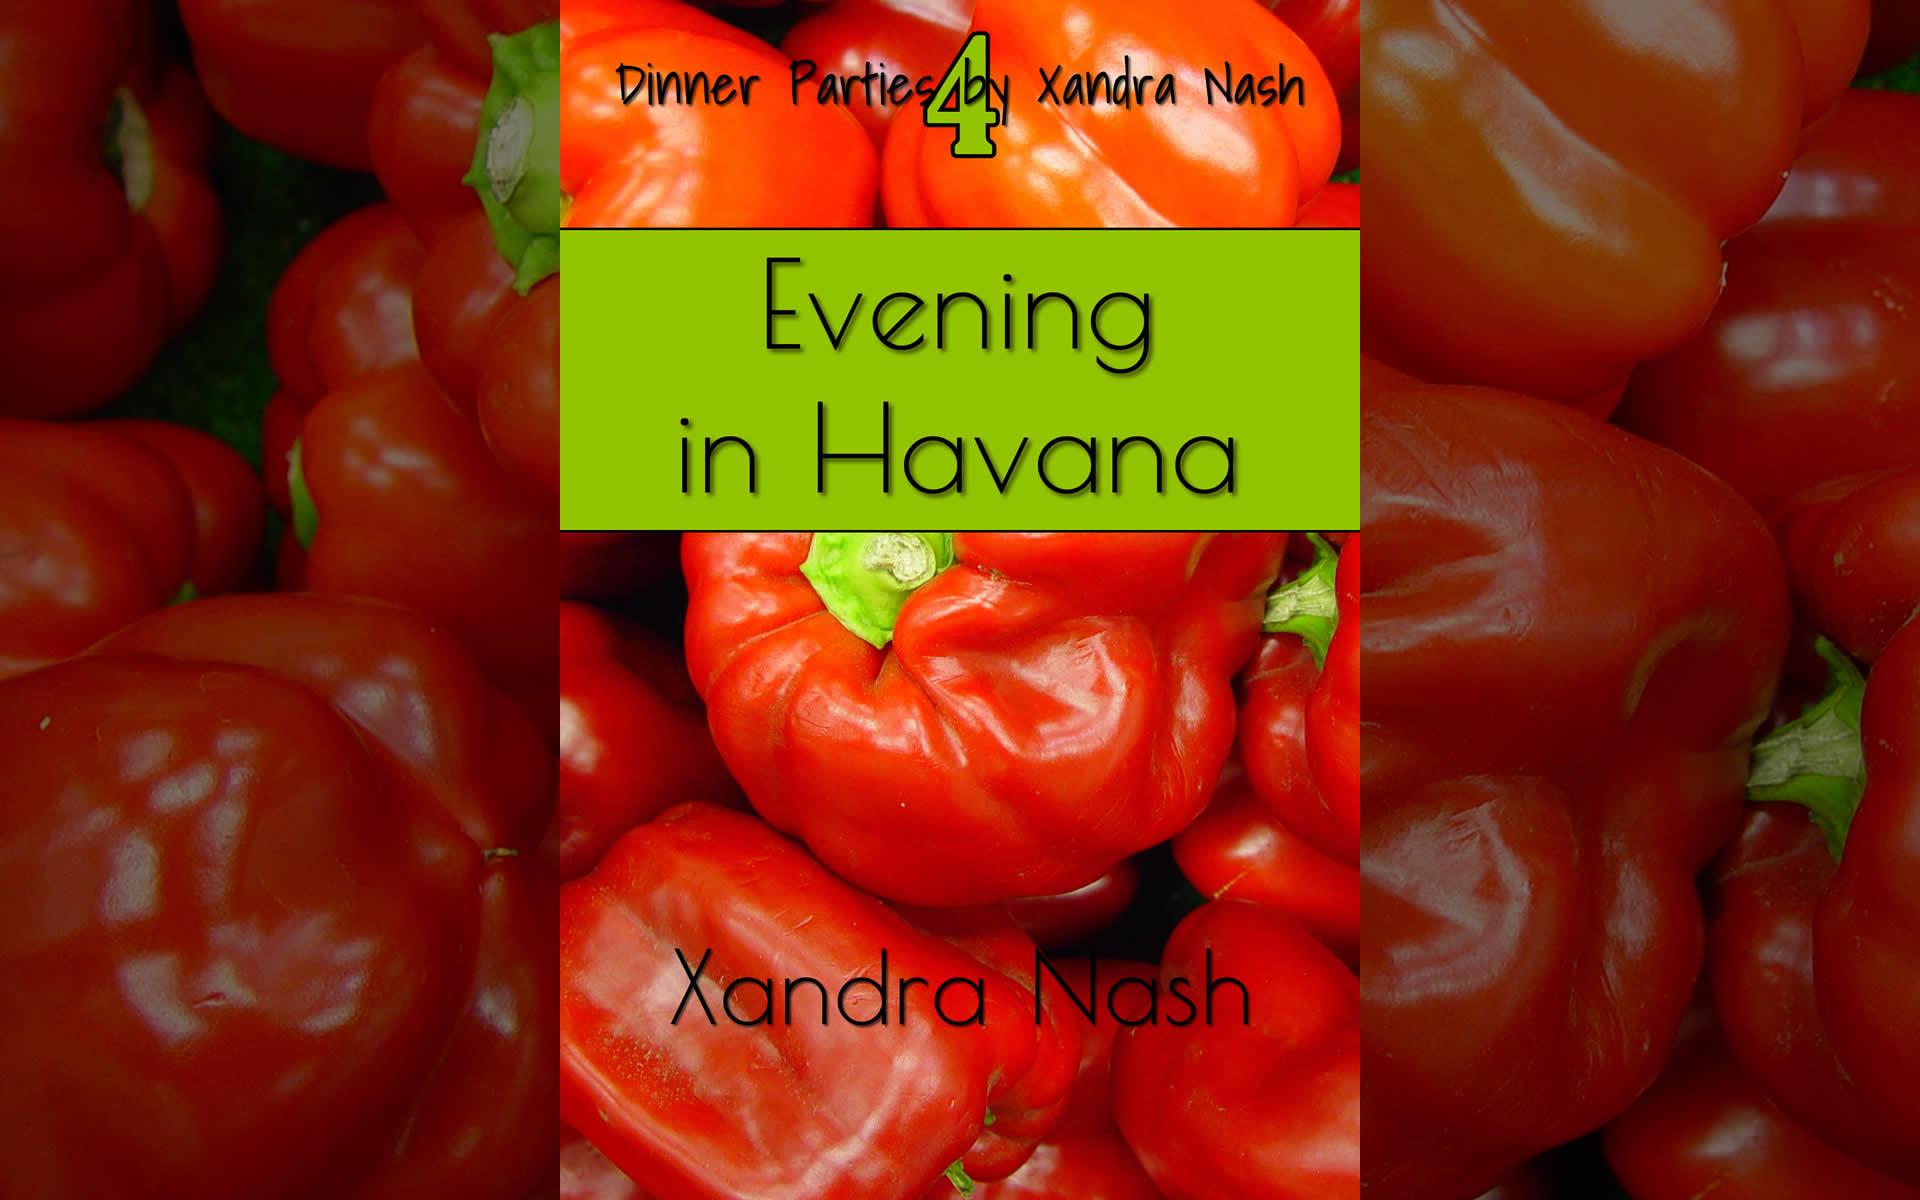 Evening in Havana, book 4 of Dinner Parties by Xandra Nash